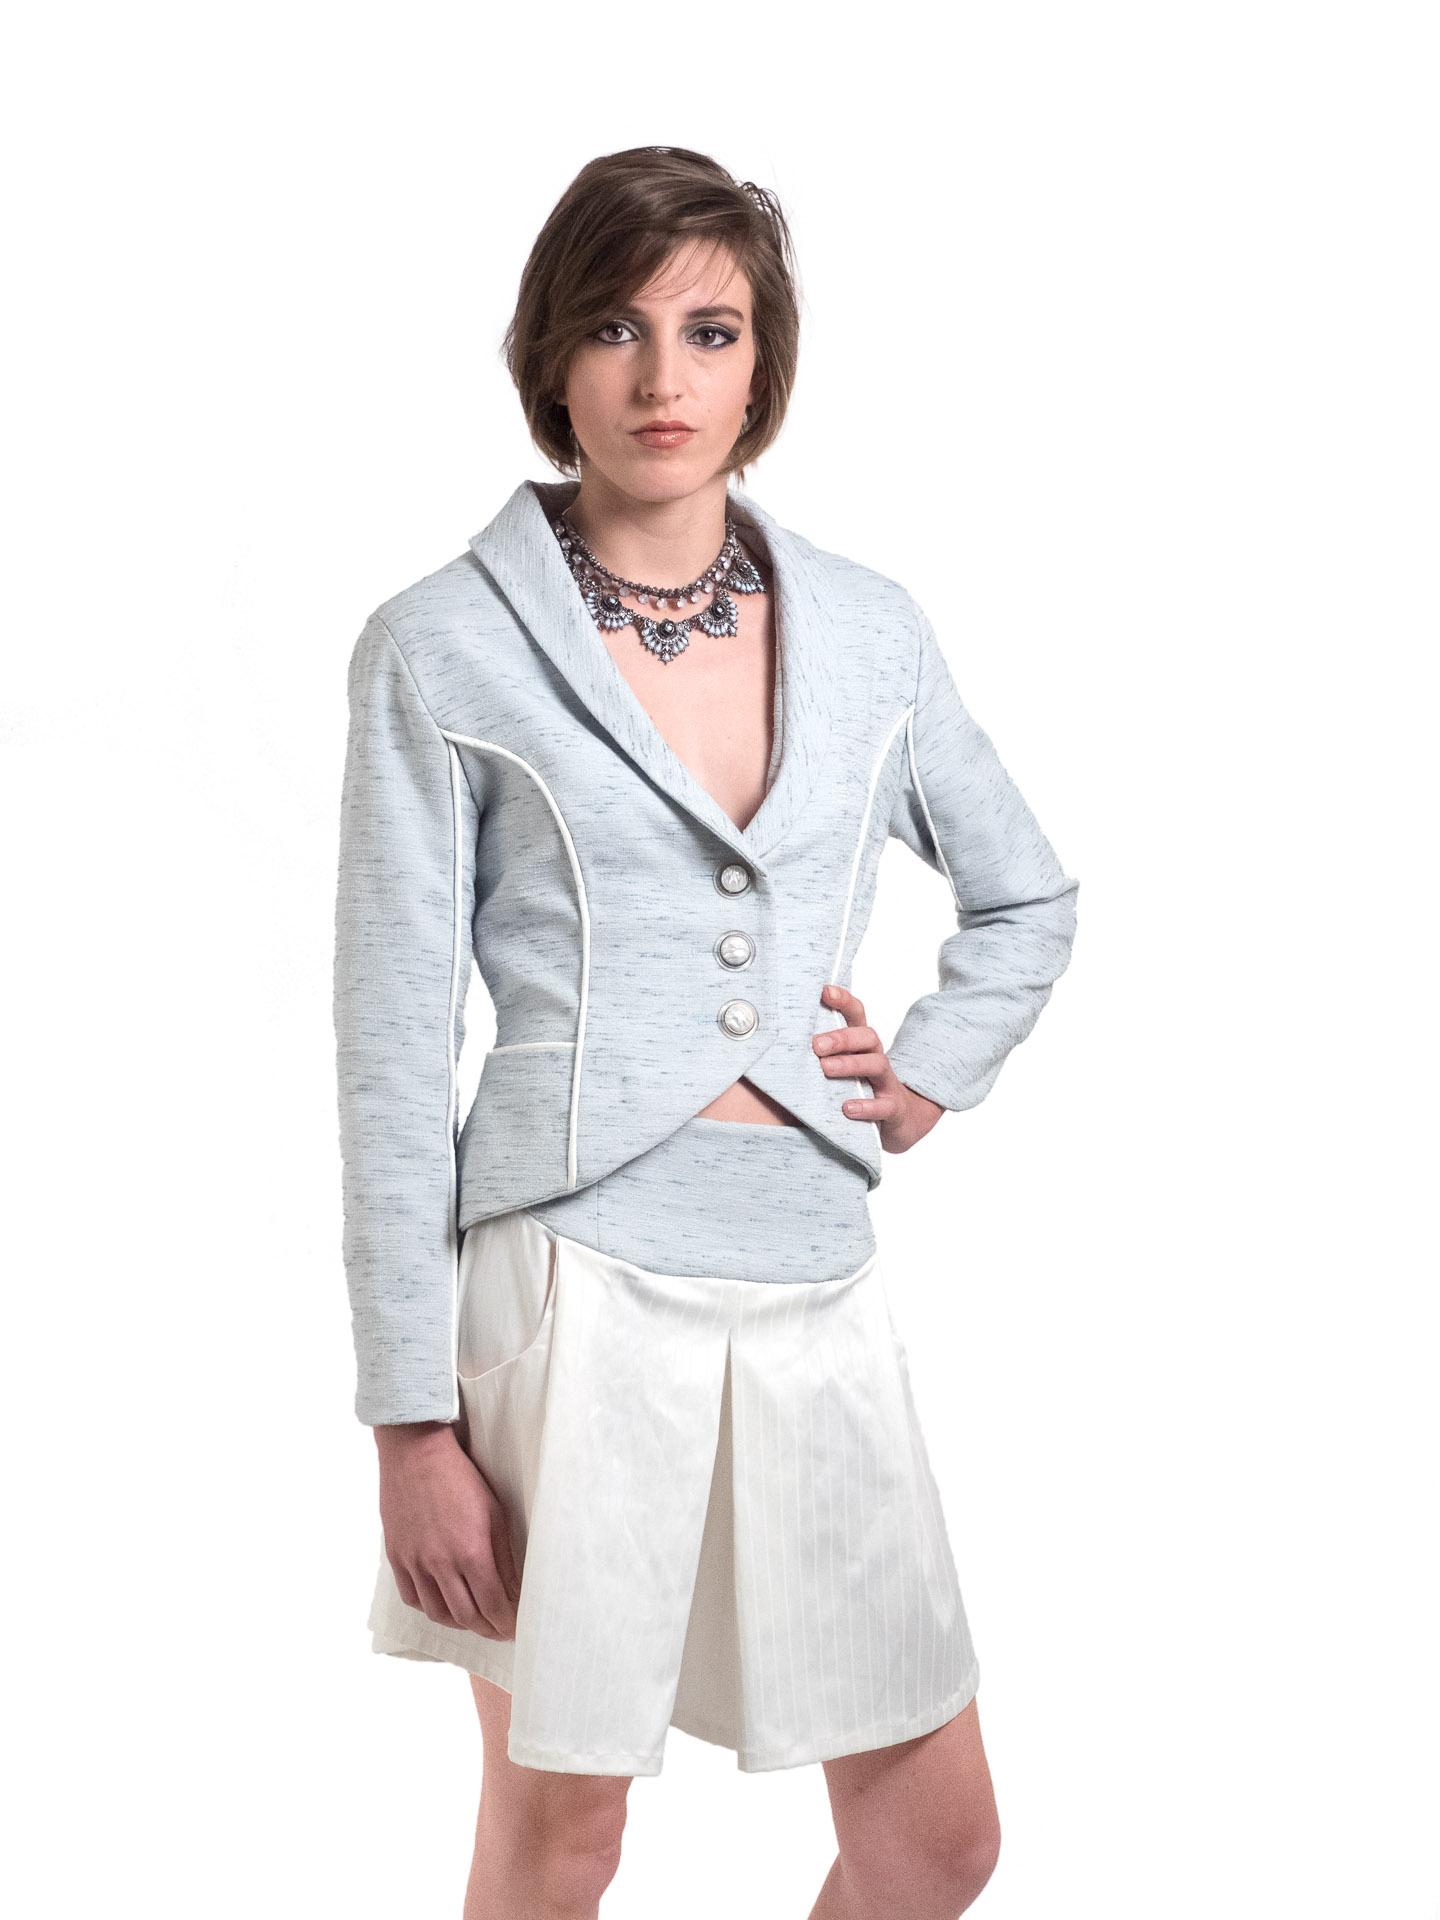 Hiatt.Peter.Fashion-10.jpg